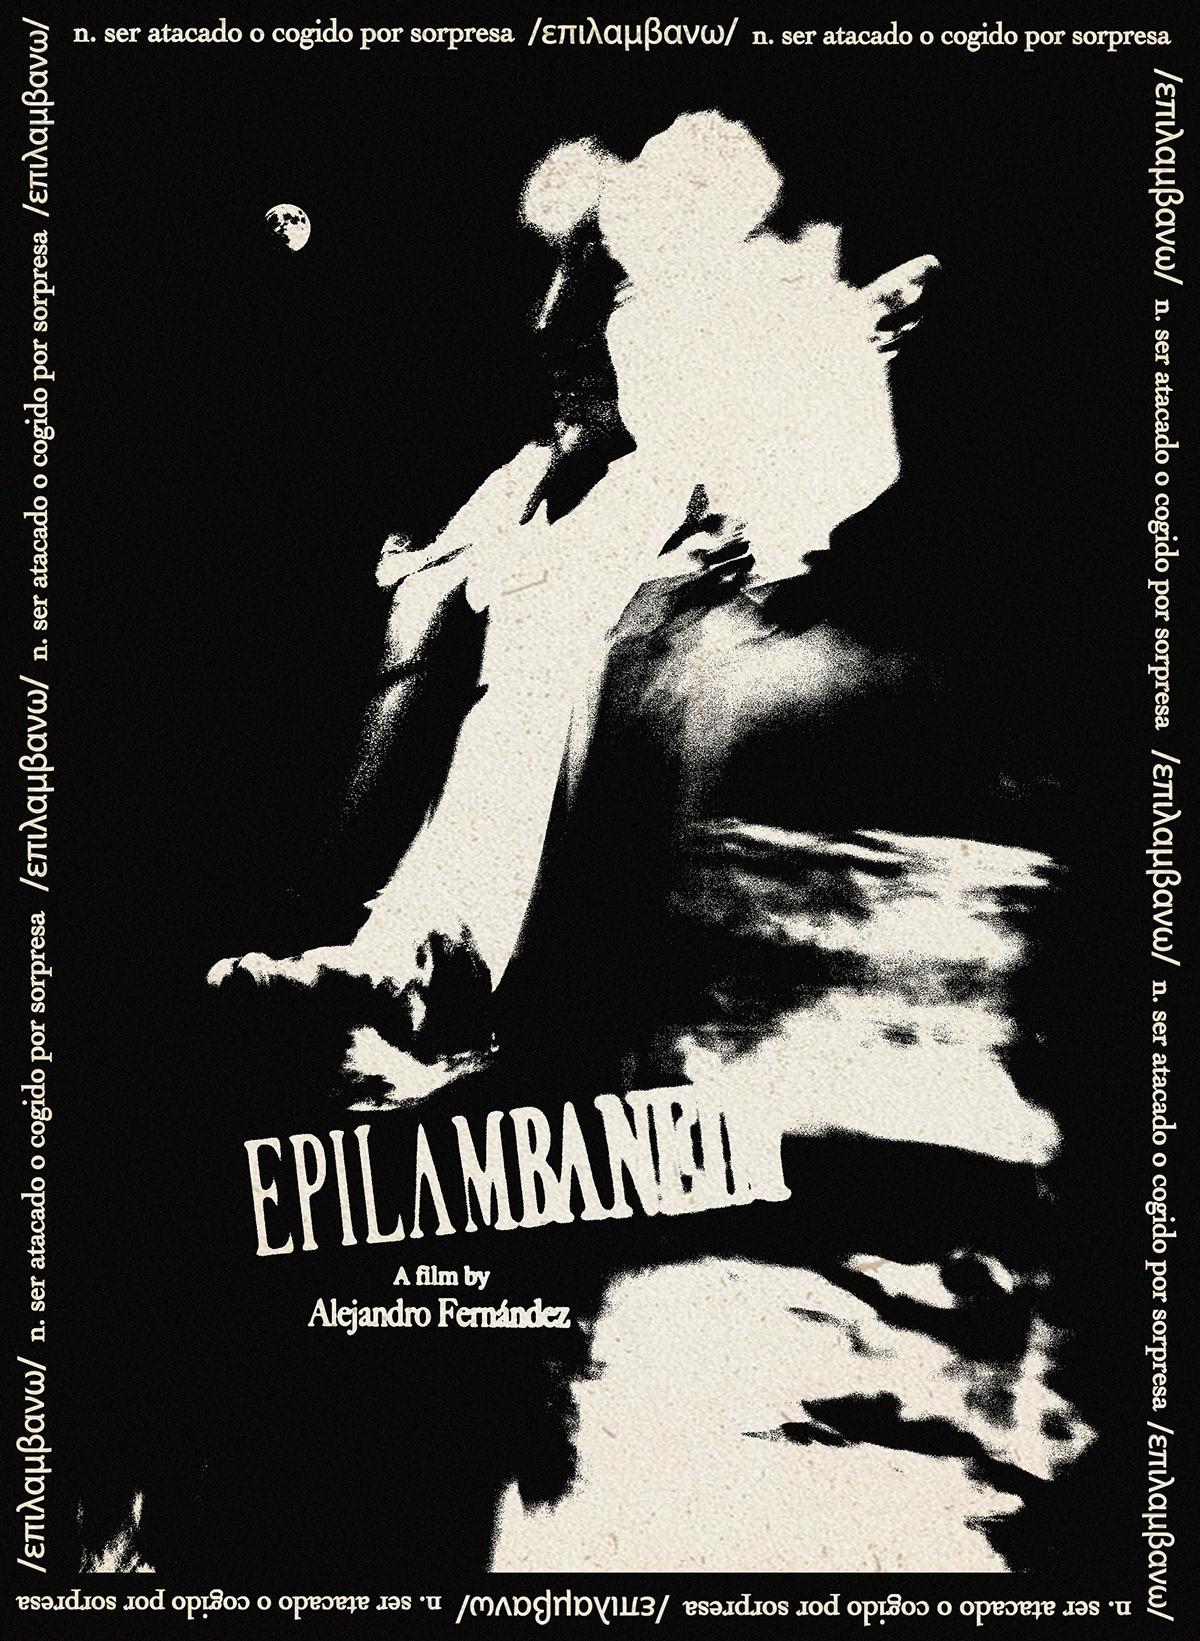 epilepsy filmmaking shortfilm